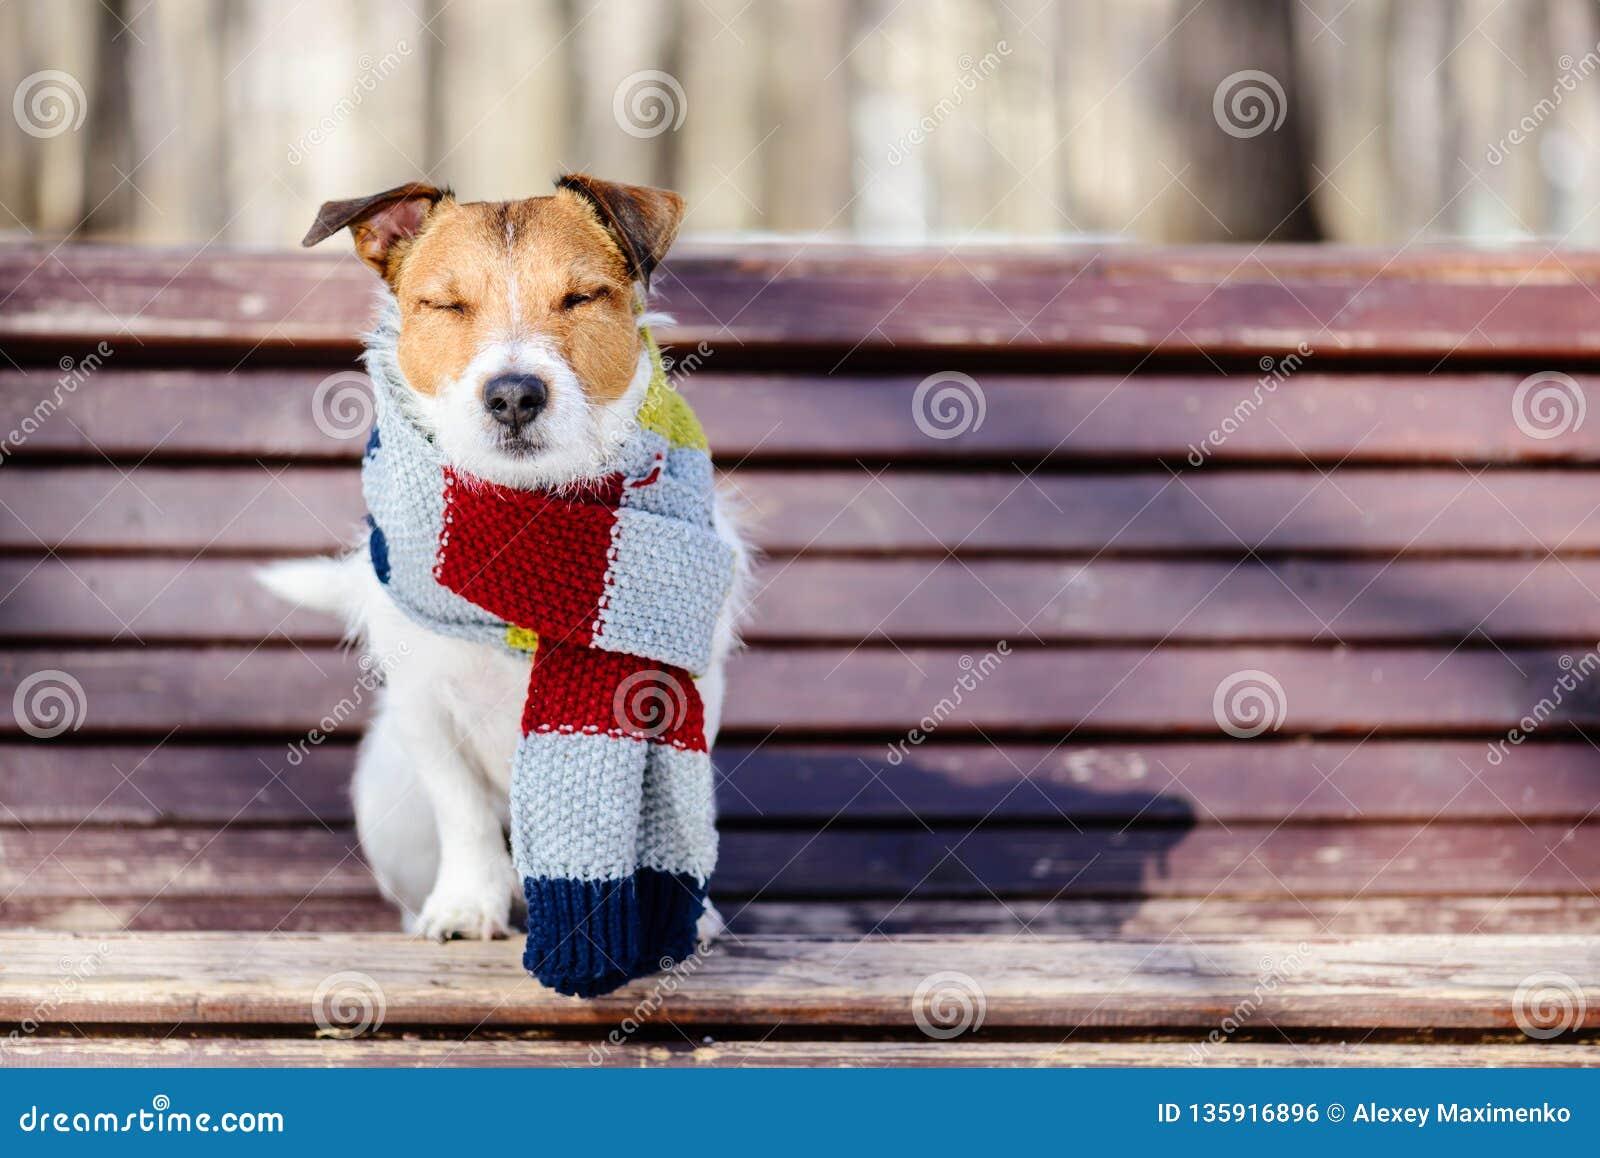 Hygge-Konzept mit dem glücklichen Hund, der gemütlichen warmen Schal trägt